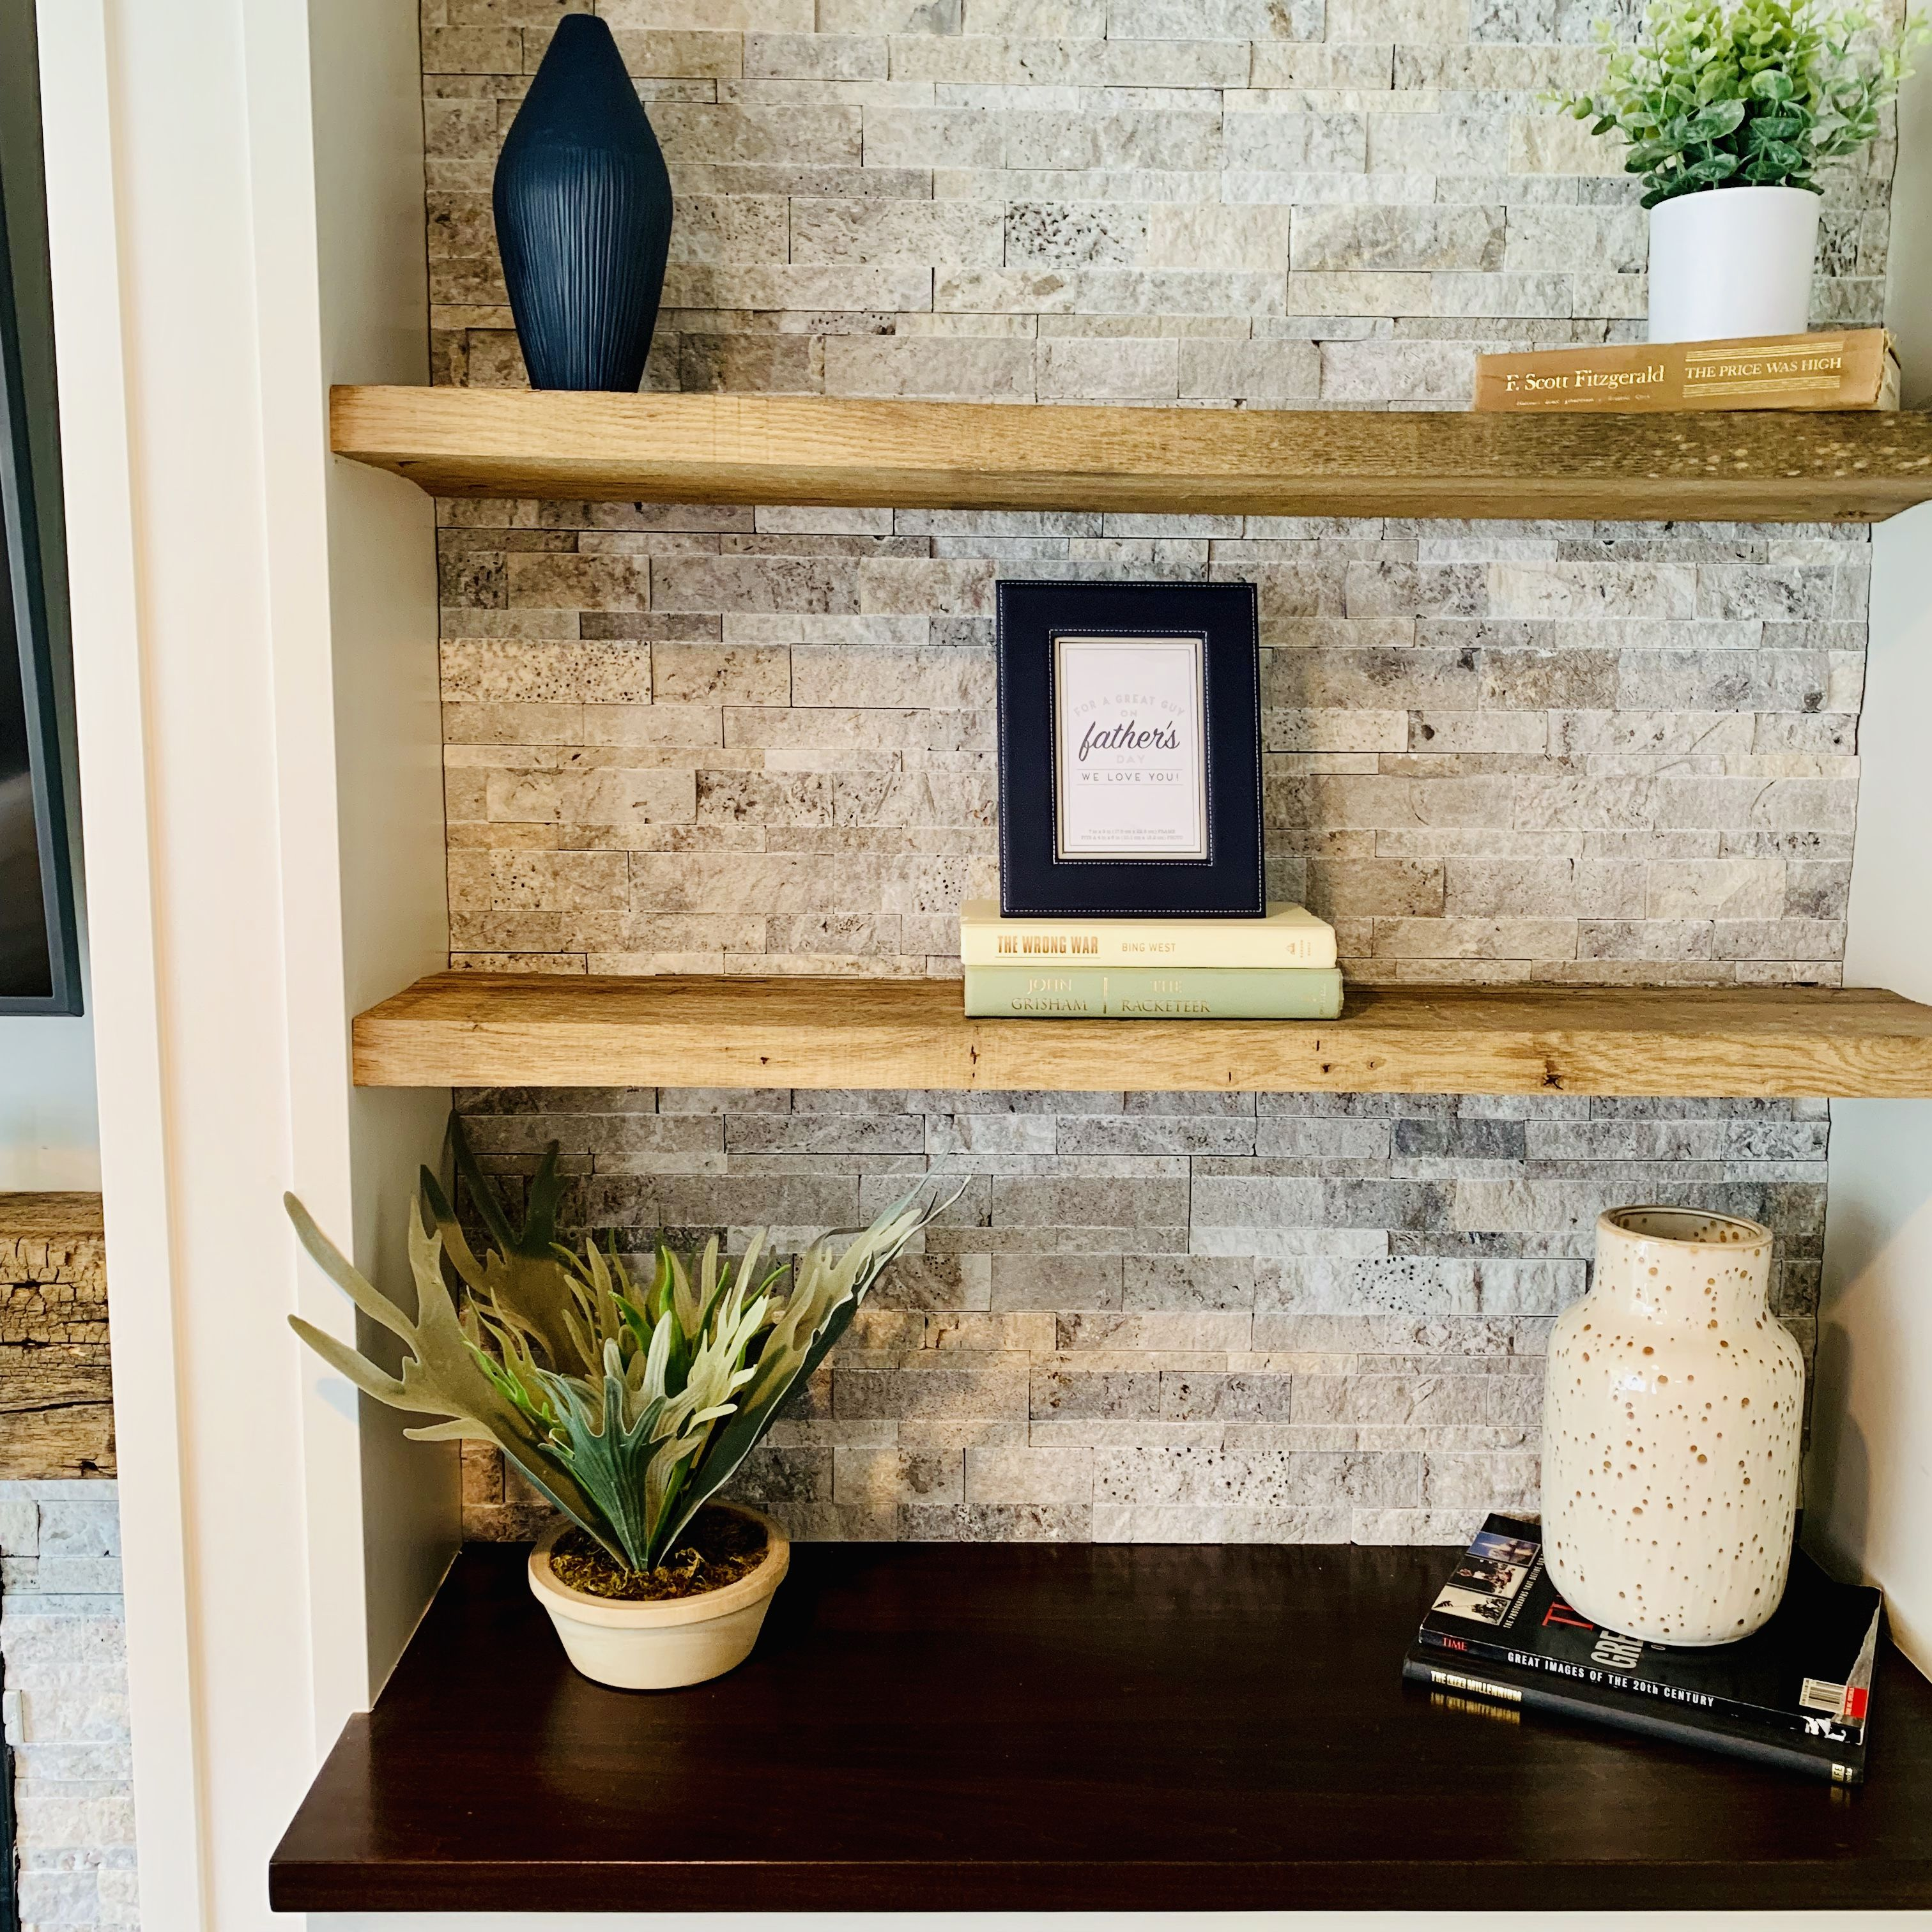 Finished Basement Fireplace Styling Minnetonka Mn Finishing Basement Shelf Decor Shelf Staging